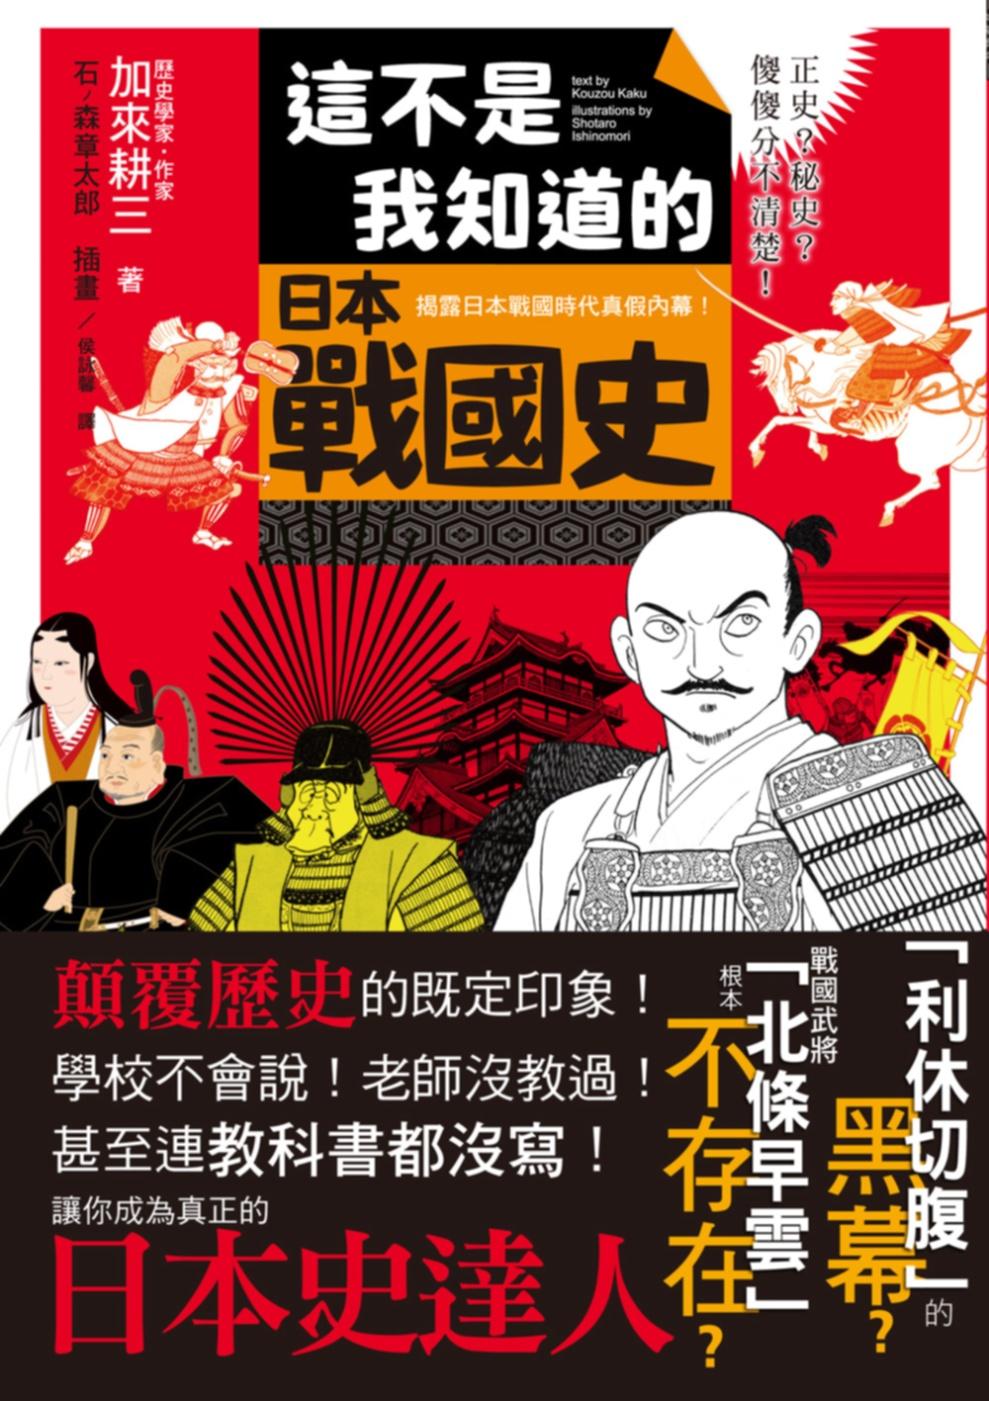 這不是我知道的日本戰國史:正史?秘史?傻傻分不清楚!揭露日本戰國時代的真假內幕!